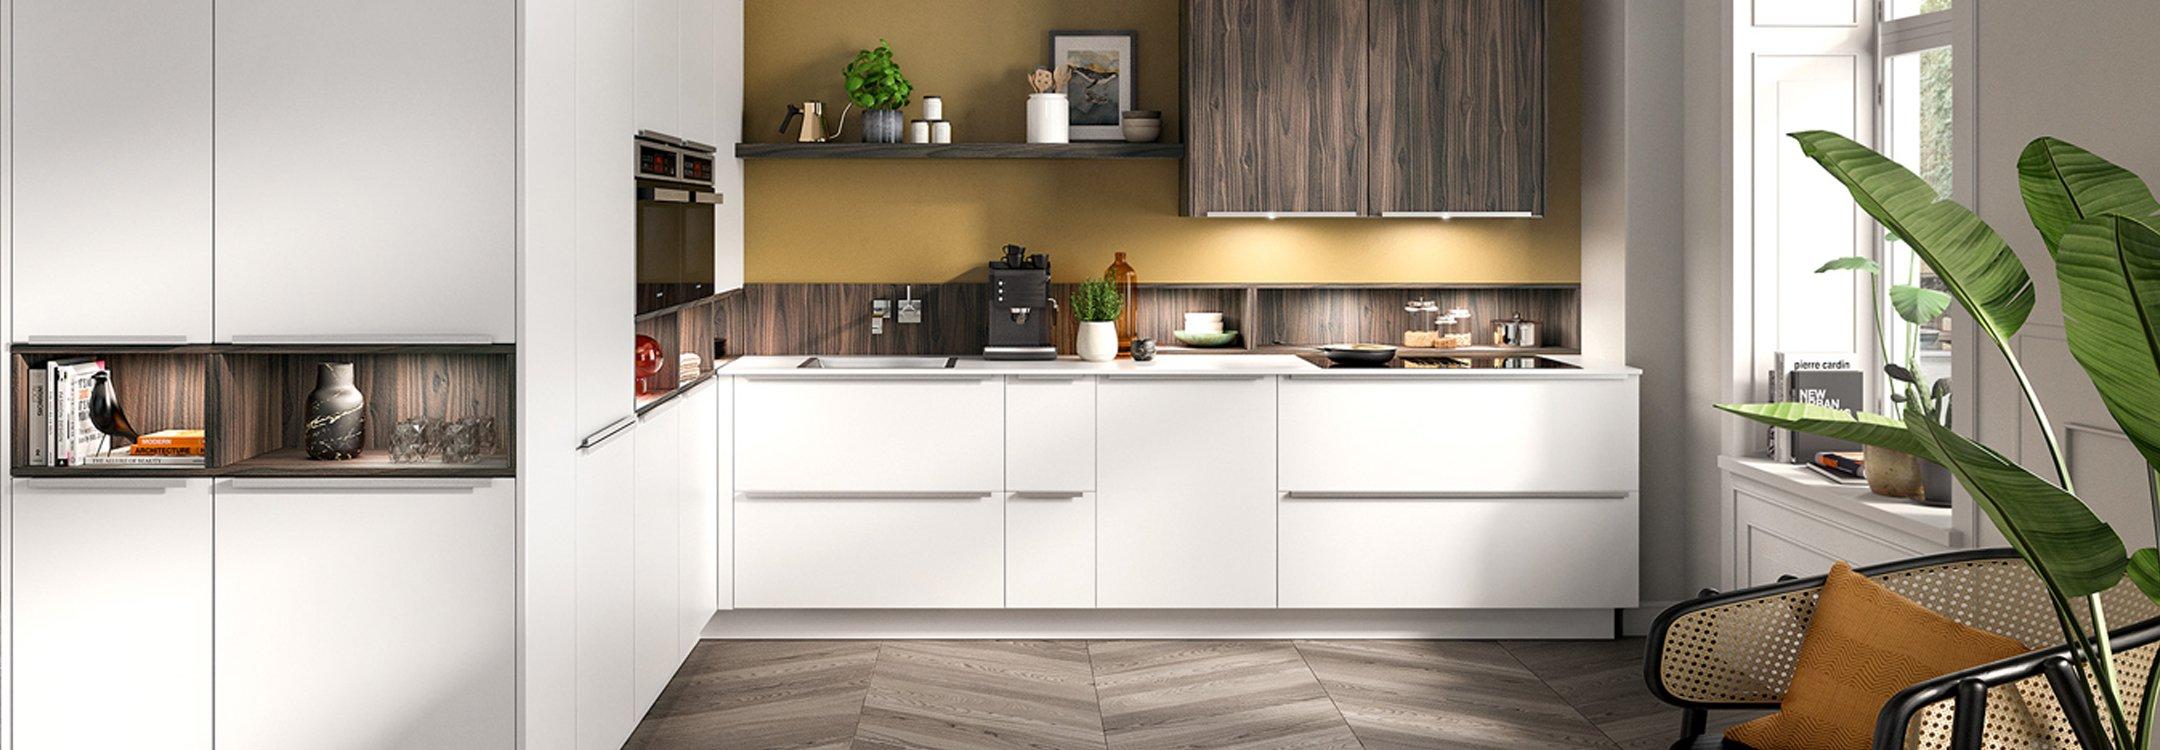 Headerbild L-Küche_groß